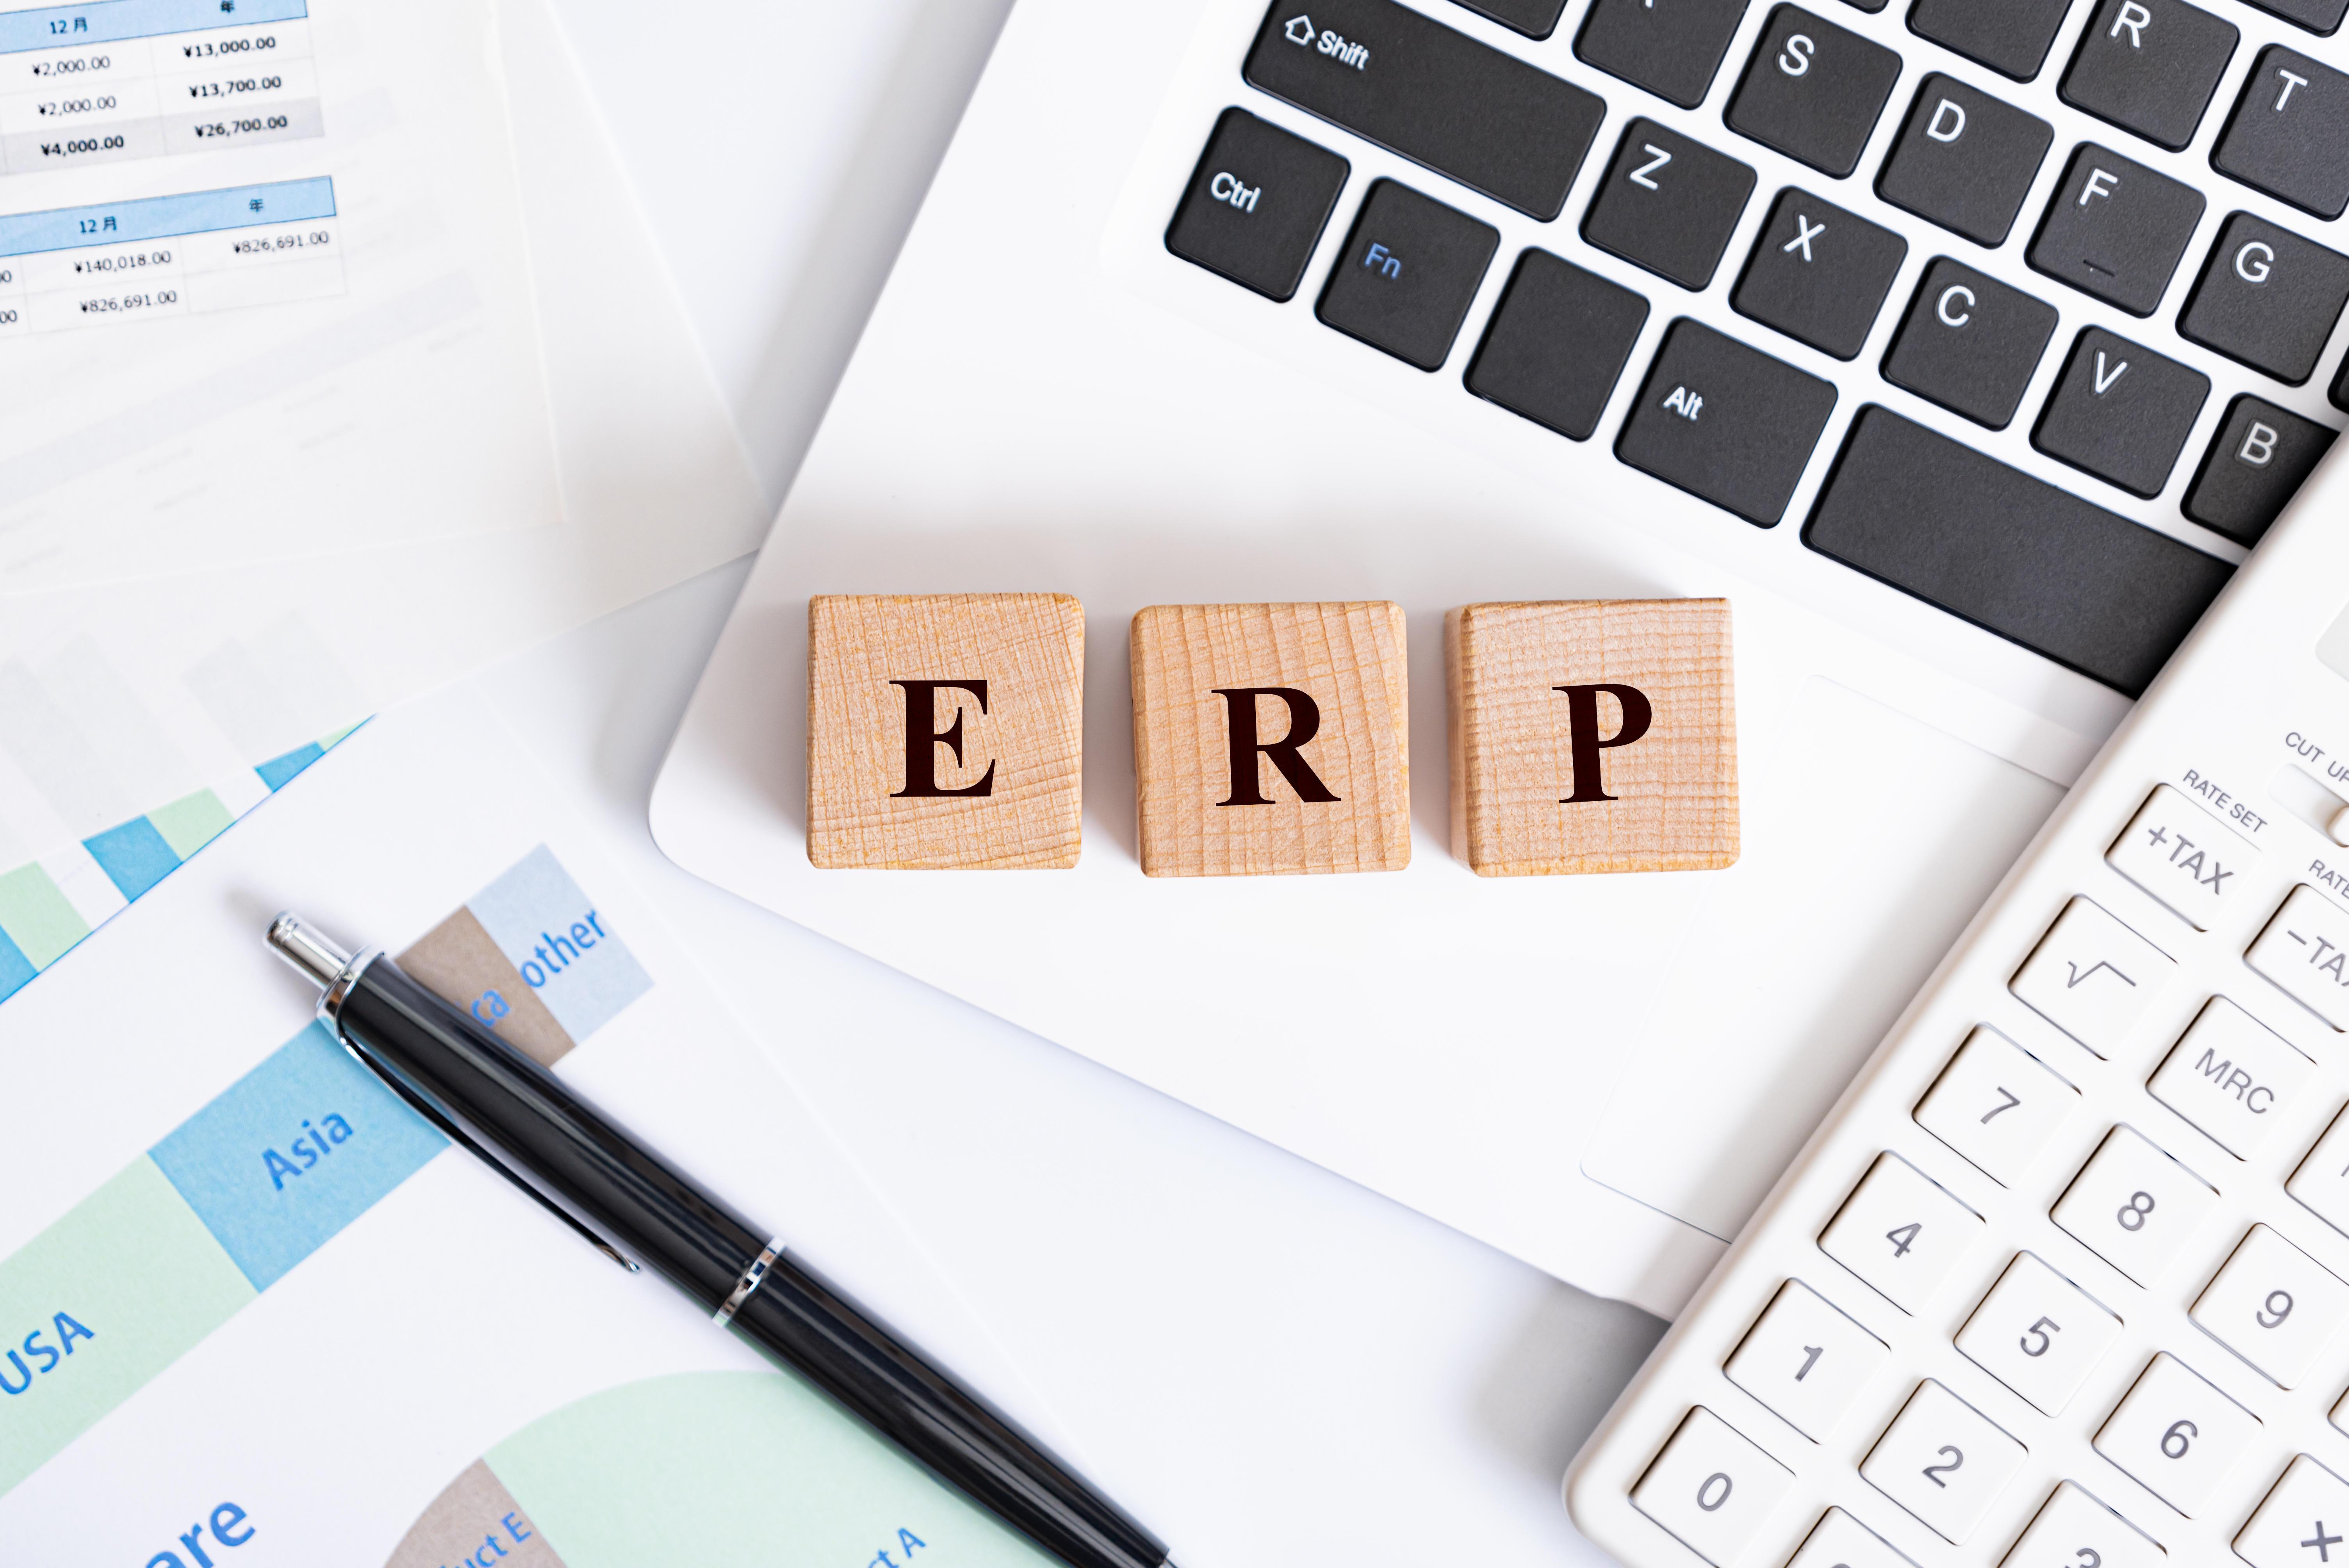 【中堅・中小企業向け】ERP選び方完全ガイド ー従業員規模別・経営管理の課題と解決法ー